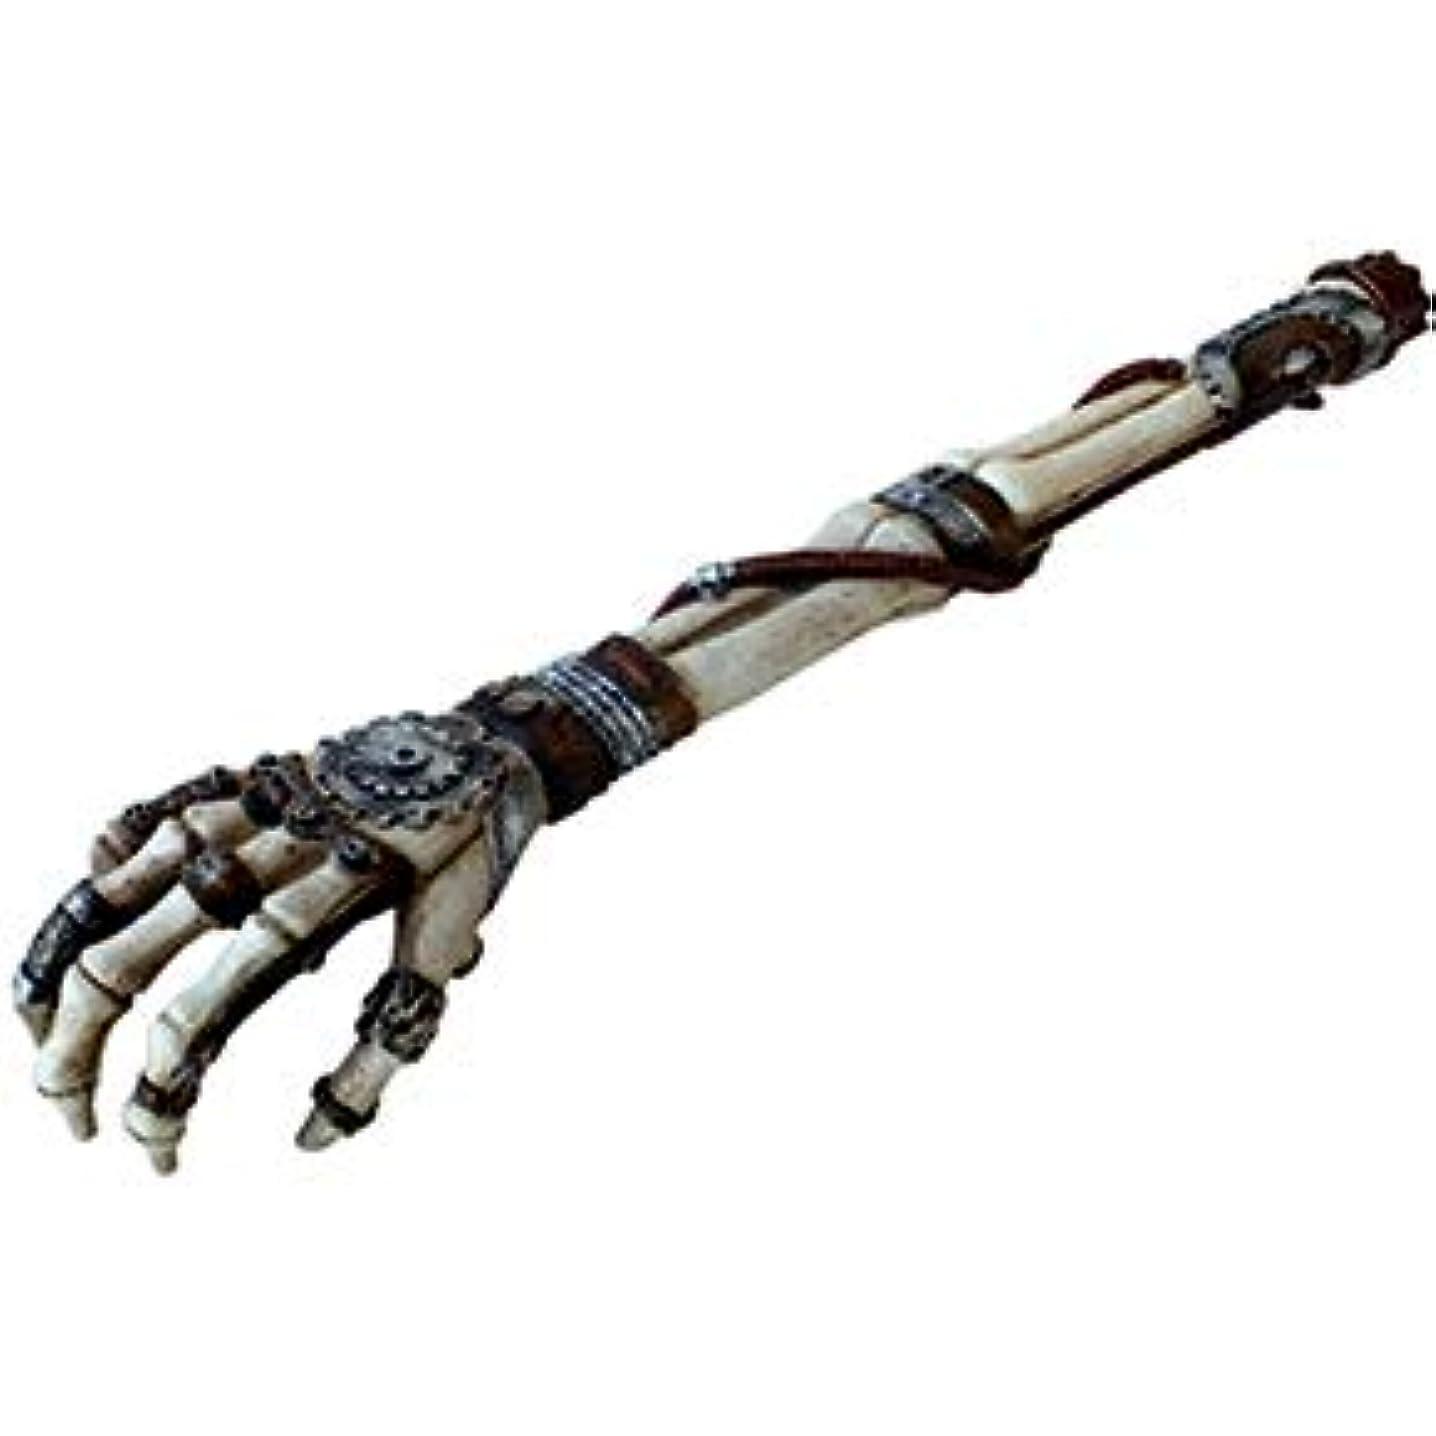 侵入する絶壁深くスチームパンクスケルトンアーム バックスクラッチャー(孫の手) Steampunk Skeleton arm back scratcher